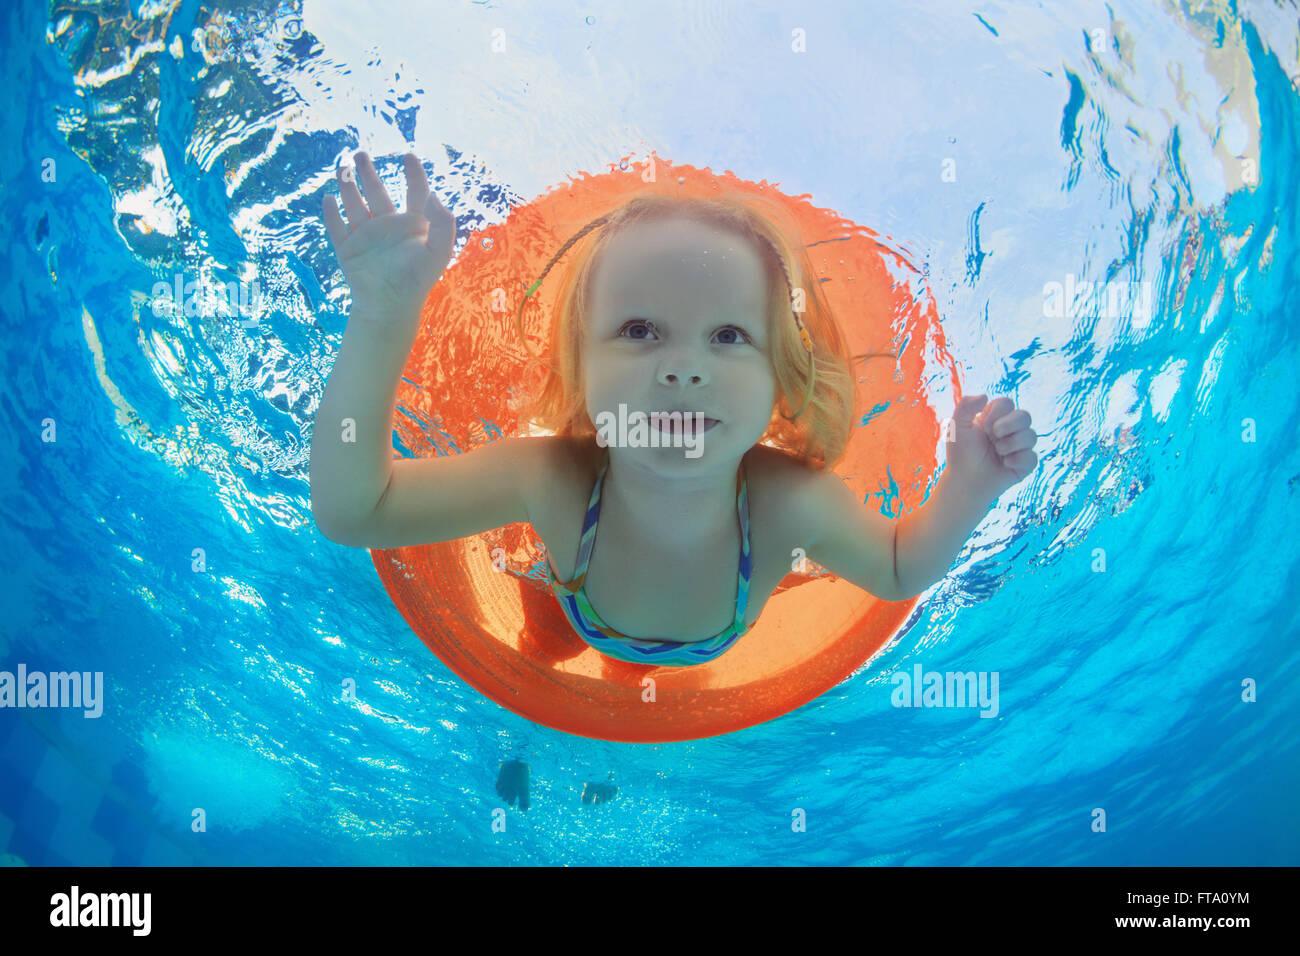 Drôle de photo sous-marine natation bébé fille avec plaisir sur tube orange clair et la plongée Photo Stock